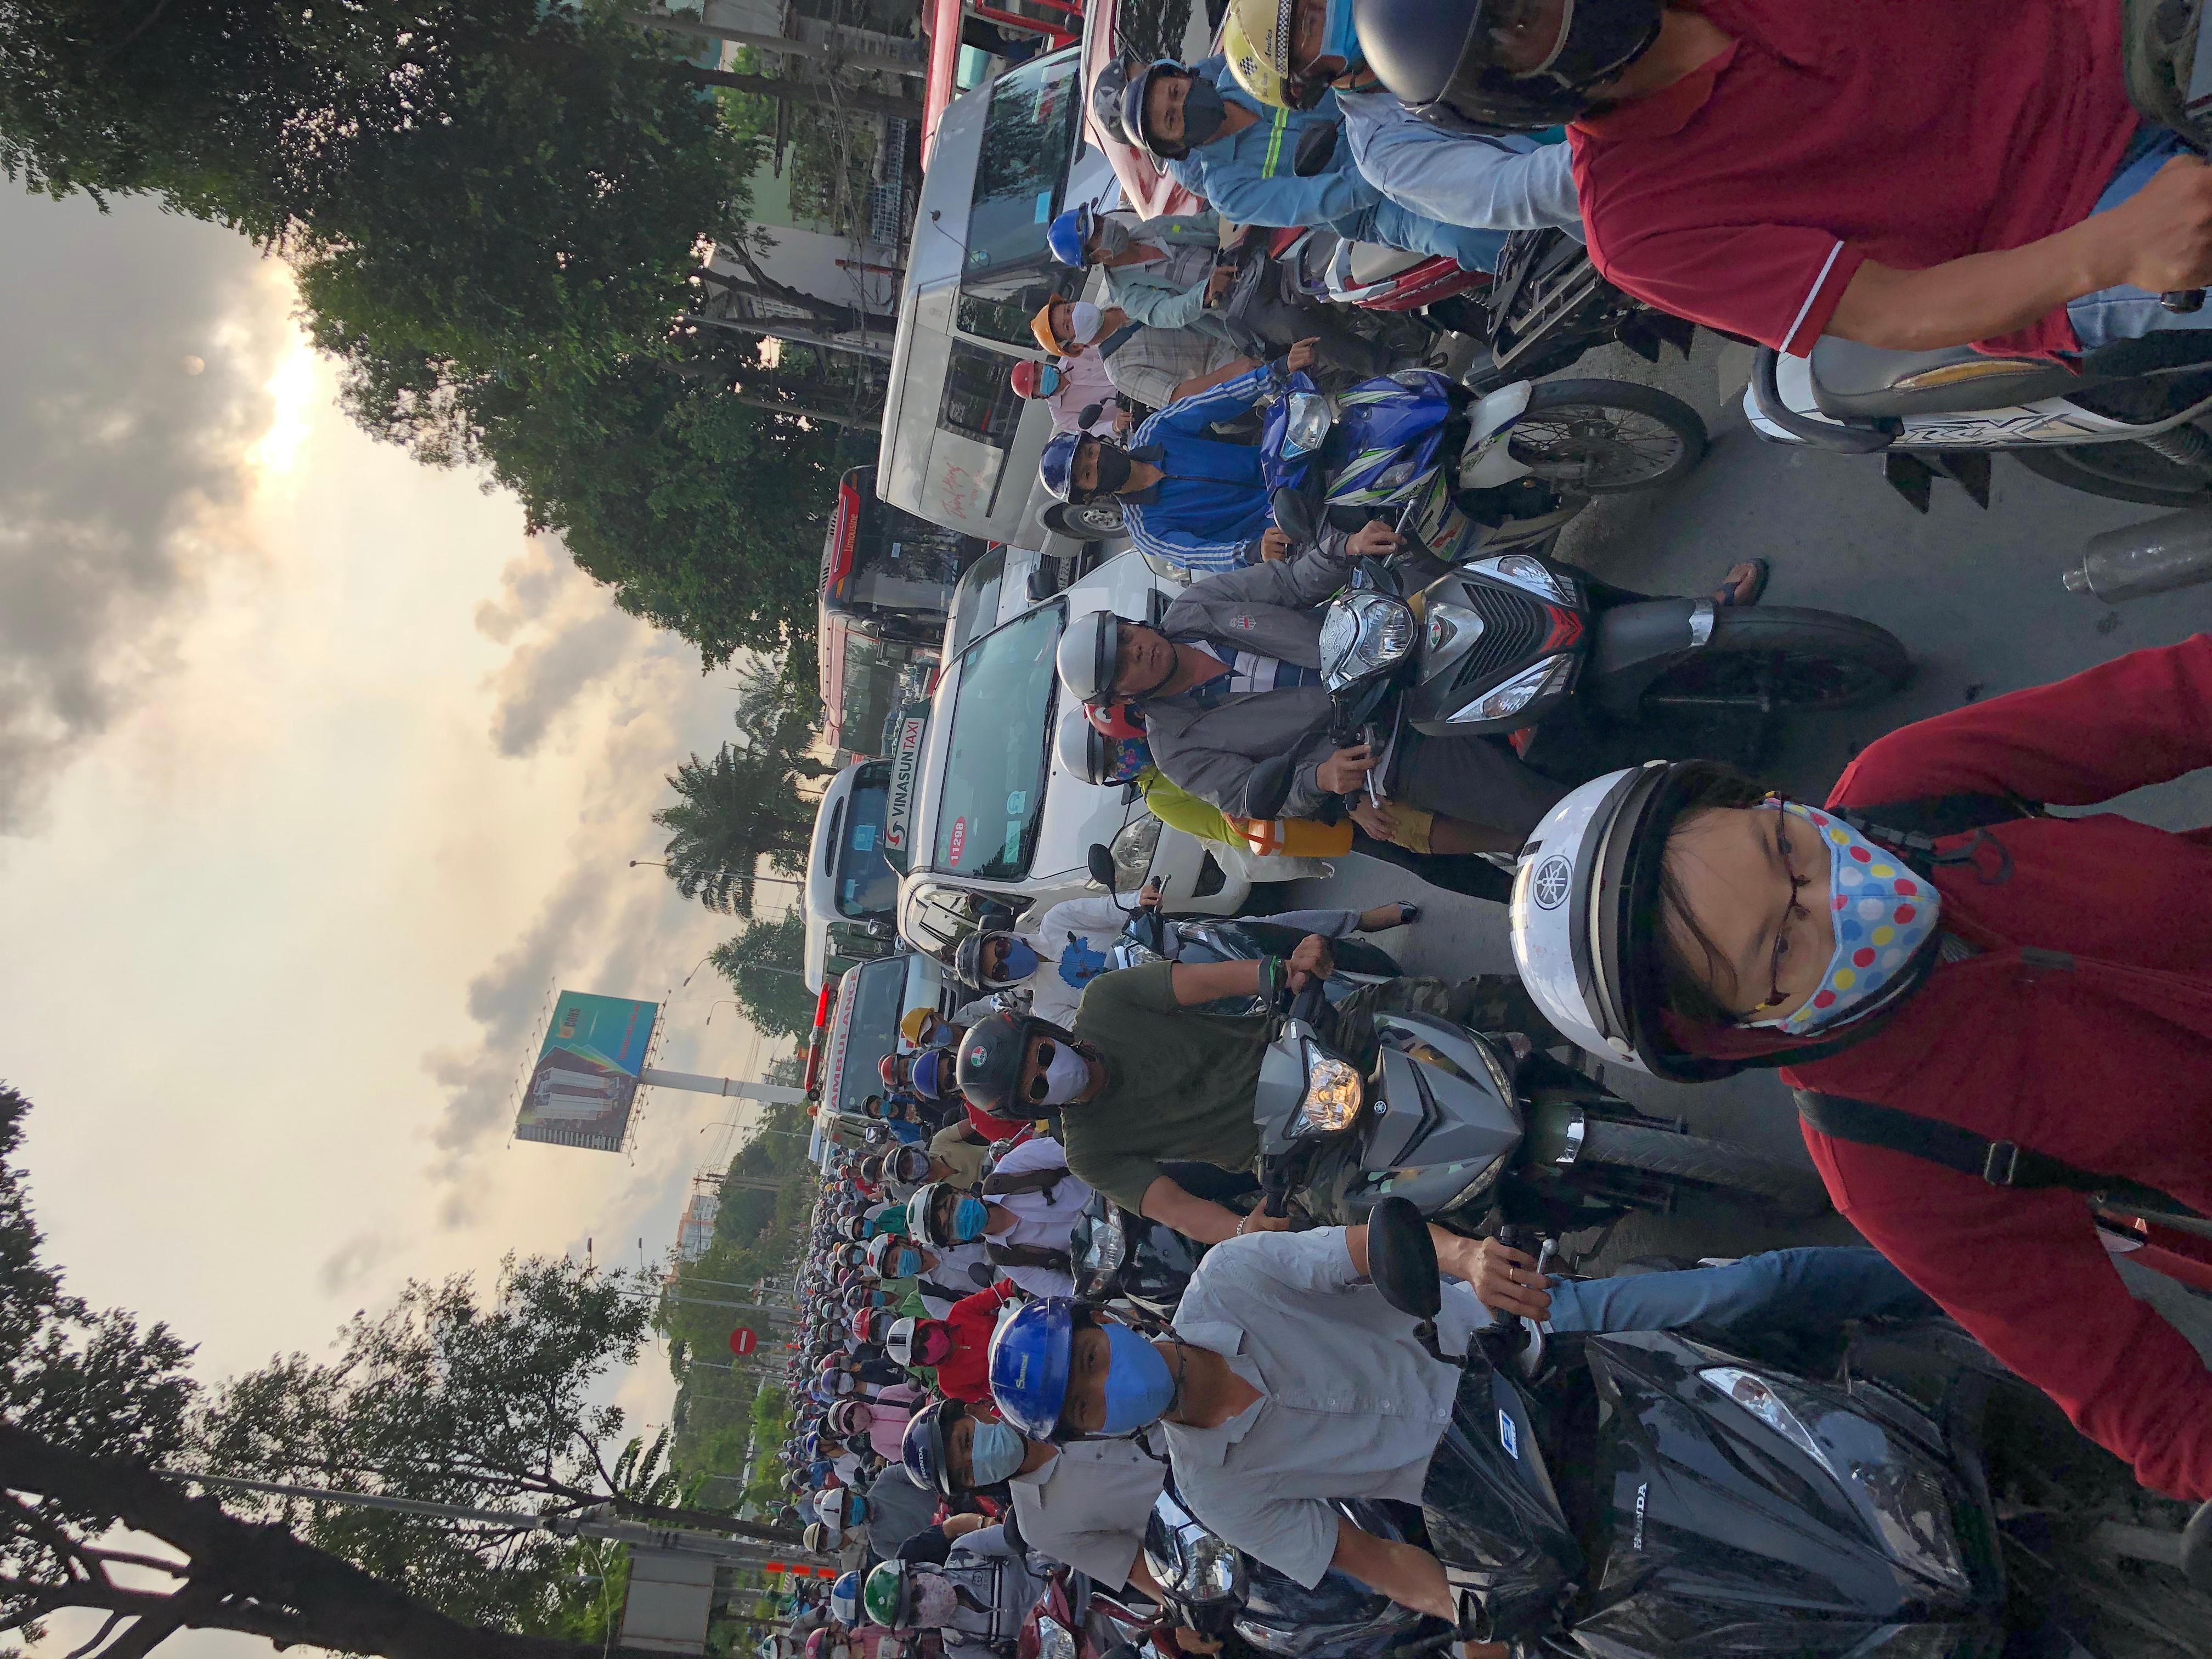 Sài Gòn kẹt xe trở lại Ảnh 3